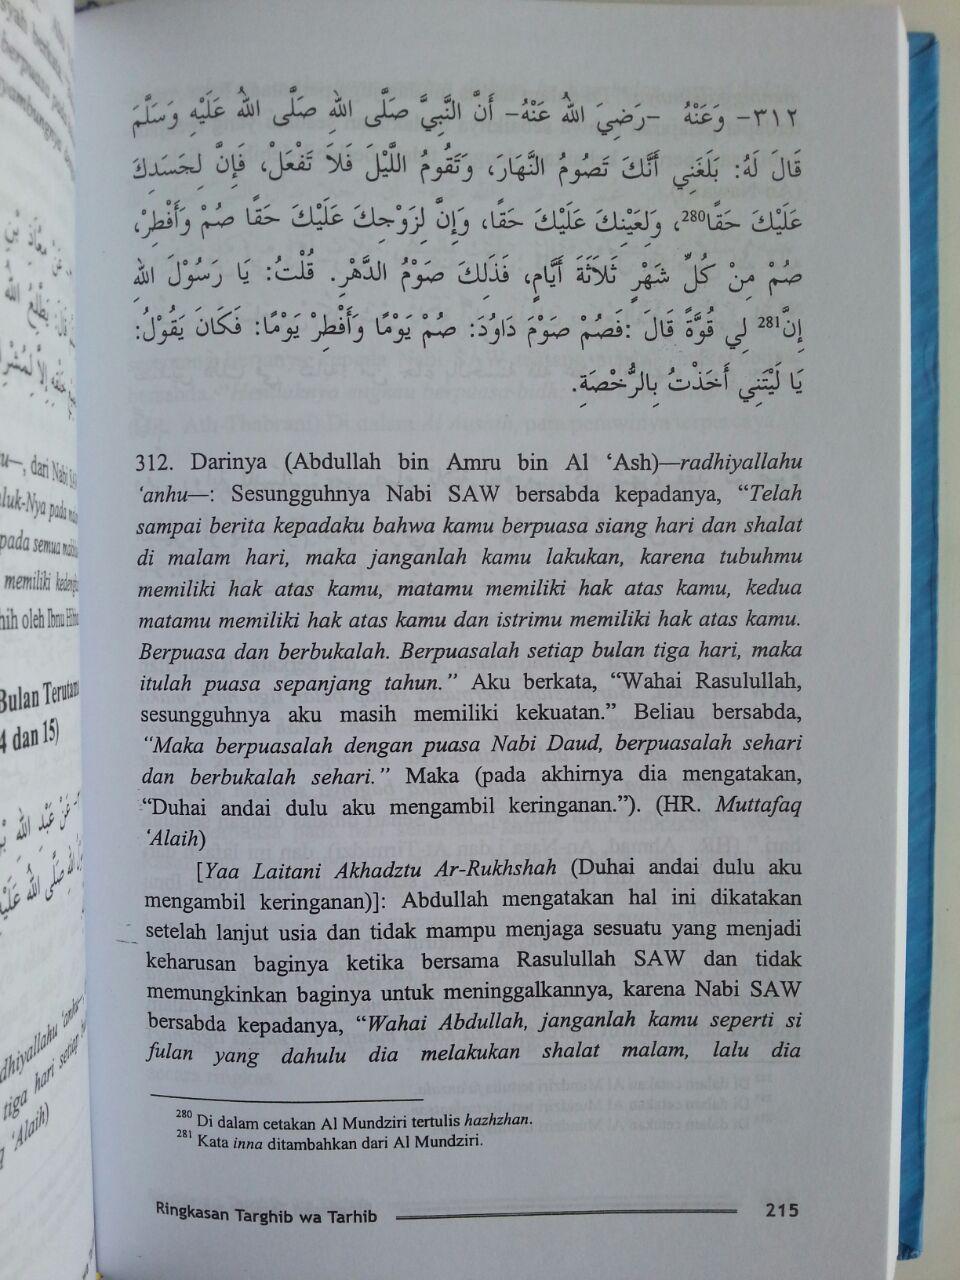 Buku Ringkasan Targhib Wa Tarhib isi